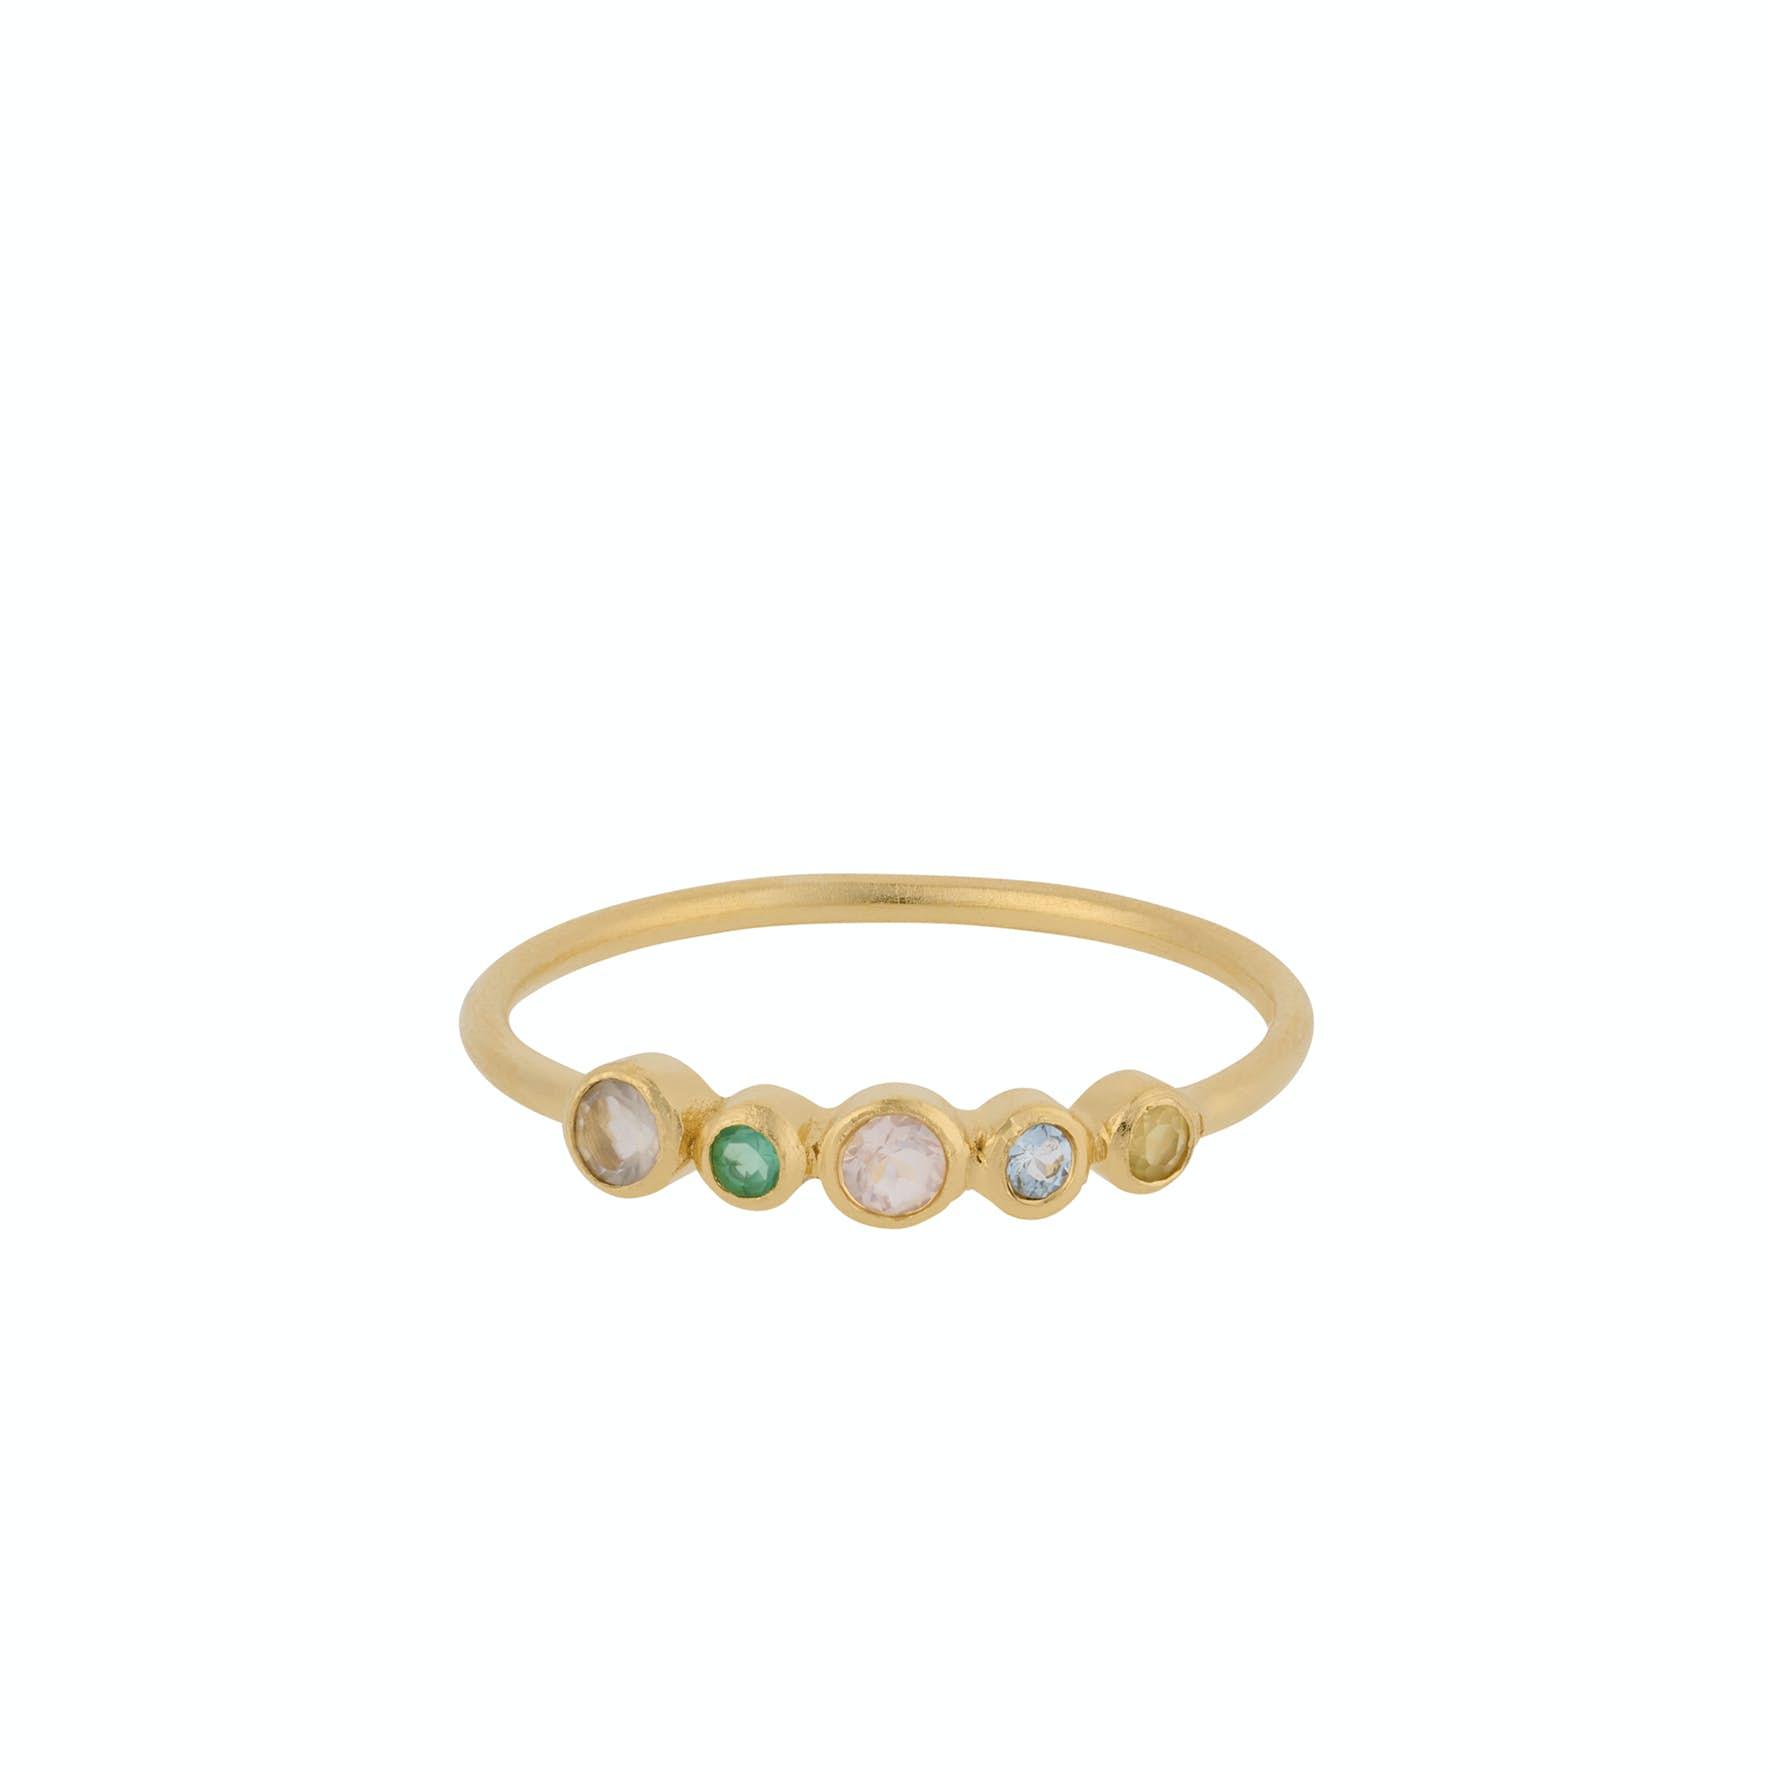 Stardust Ring von Pernille Corydon in Vergoldet-Silber Sterling 925